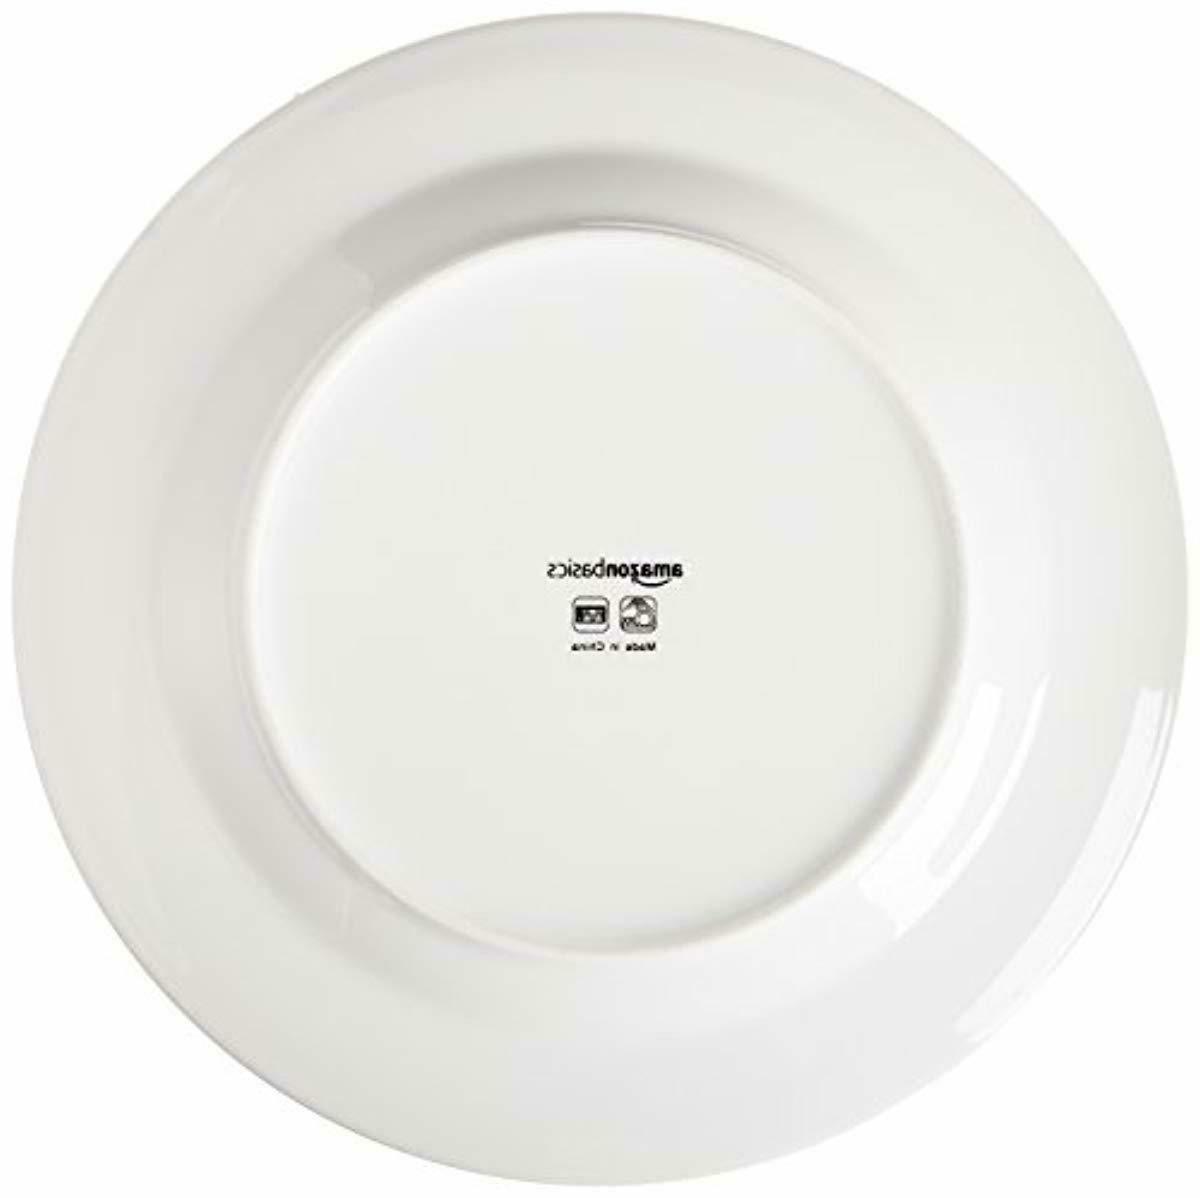 16 piece kitchen dinnerware set plates bowls